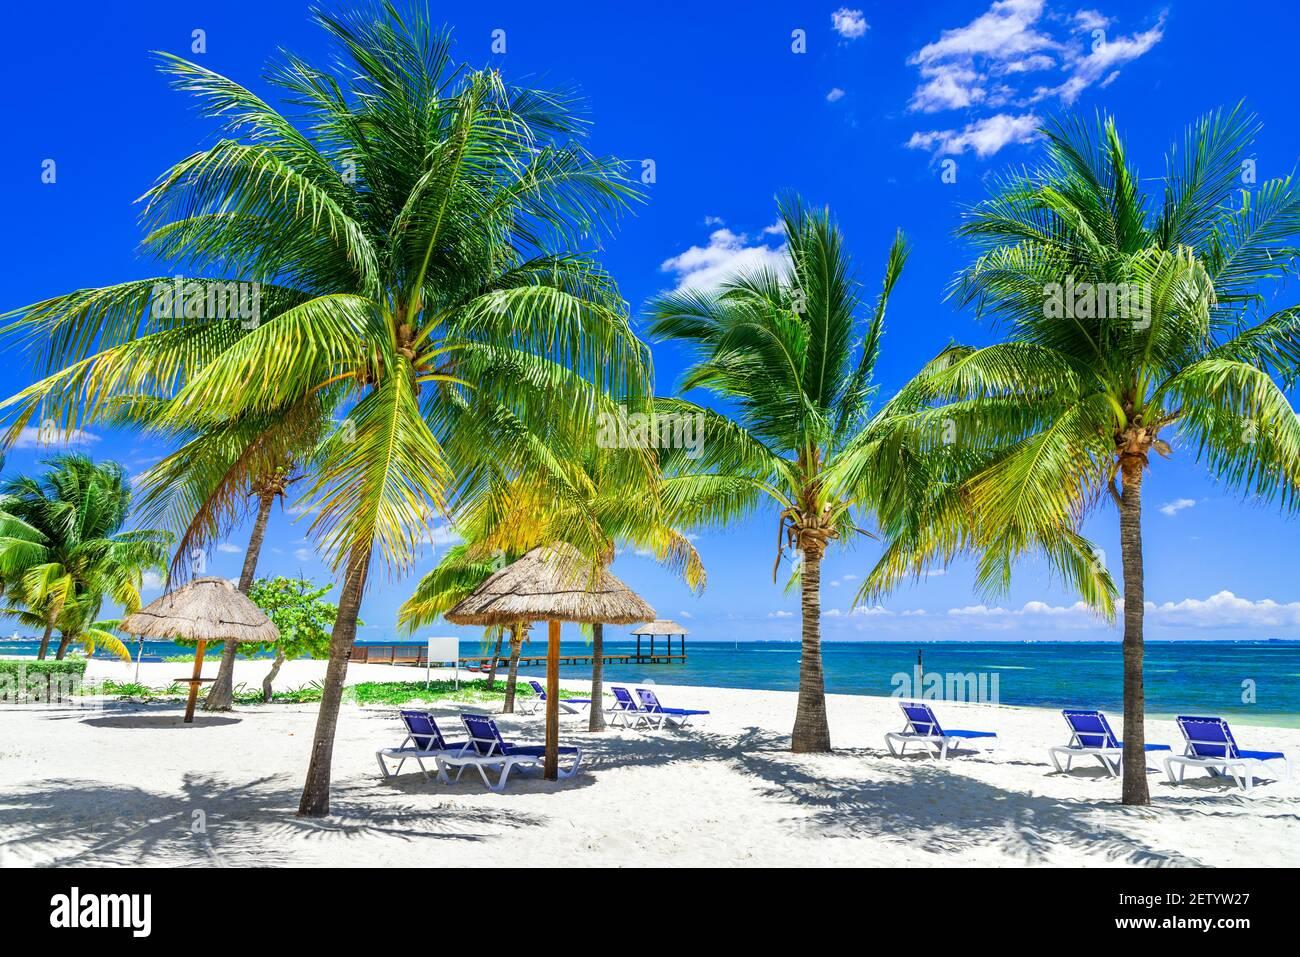 Paesaggio tropicale con palme da cocco sulla spiaggia dei caraibi, Cancun, Penisola dello Yucatan in Messico. Foto Stock